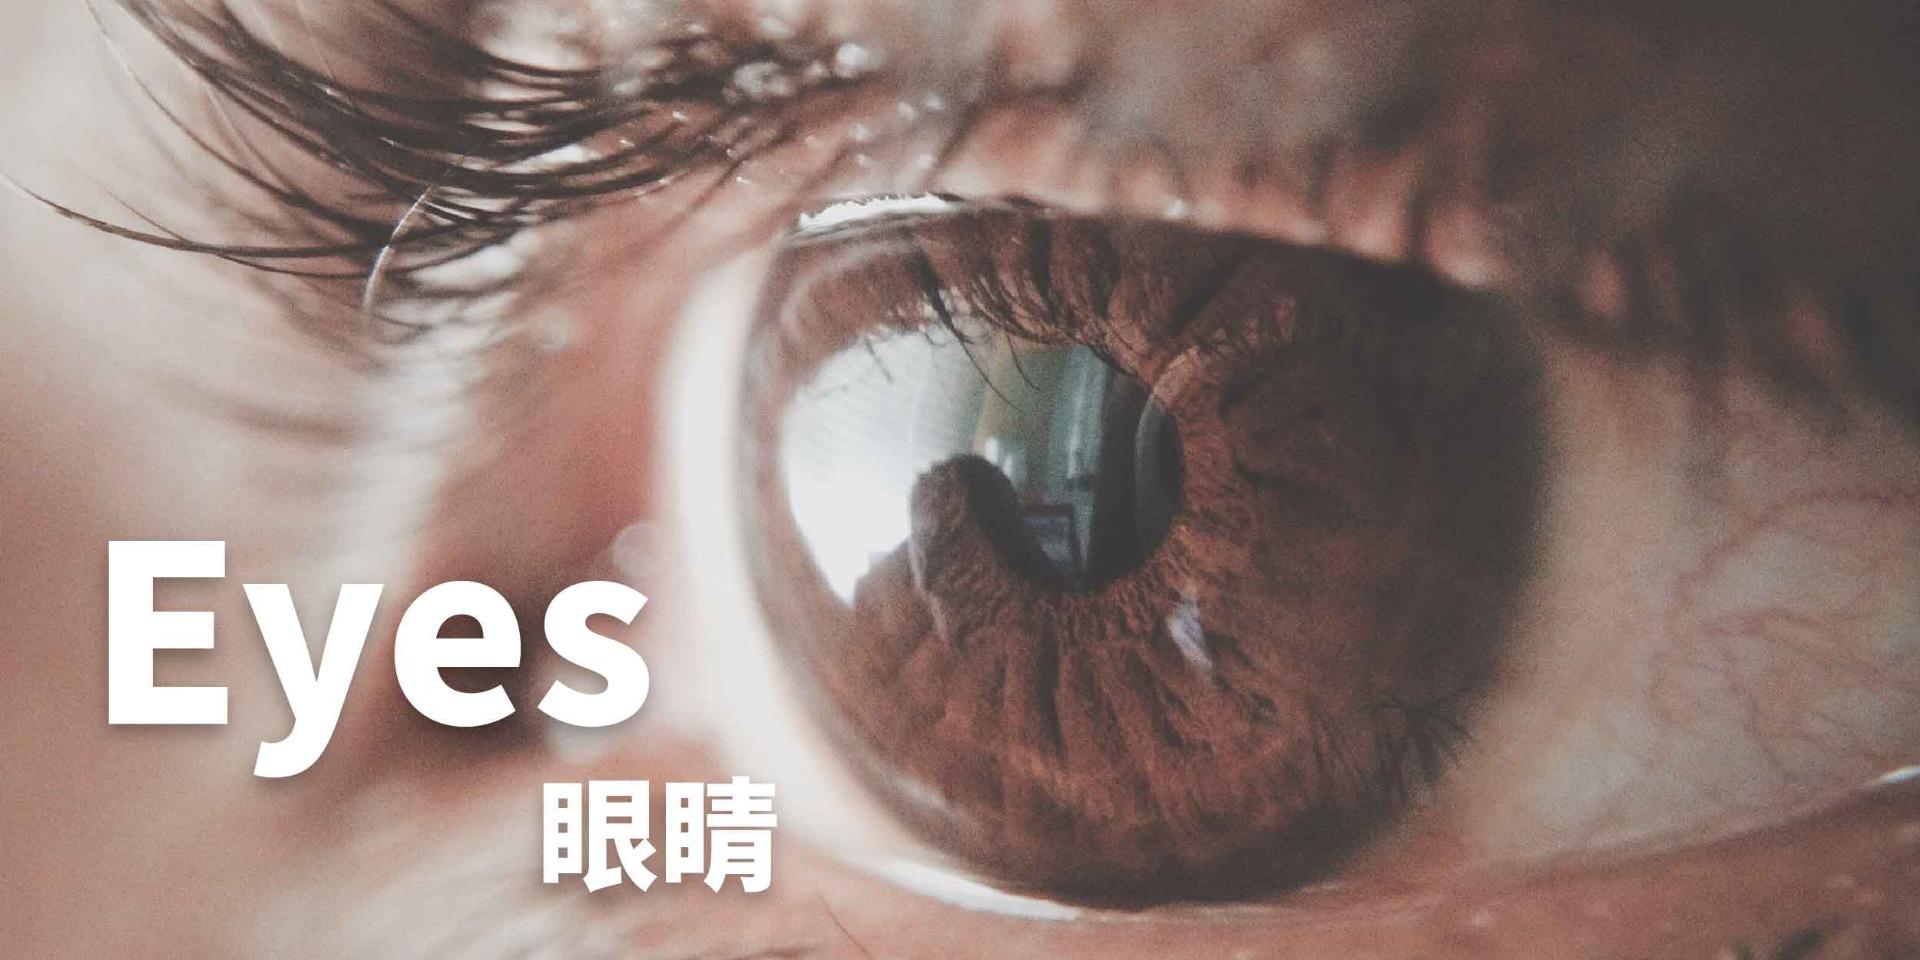 眼鏡痕癢,AQ Bio消毒殺菌噴霧、殺菌達99.9999%, 對抗濕疹,暗瘡,皮膚敏感,念珠菌,鼻敏感,喉嚨痛, 助皮膚修護細胞, 產生抗菌能